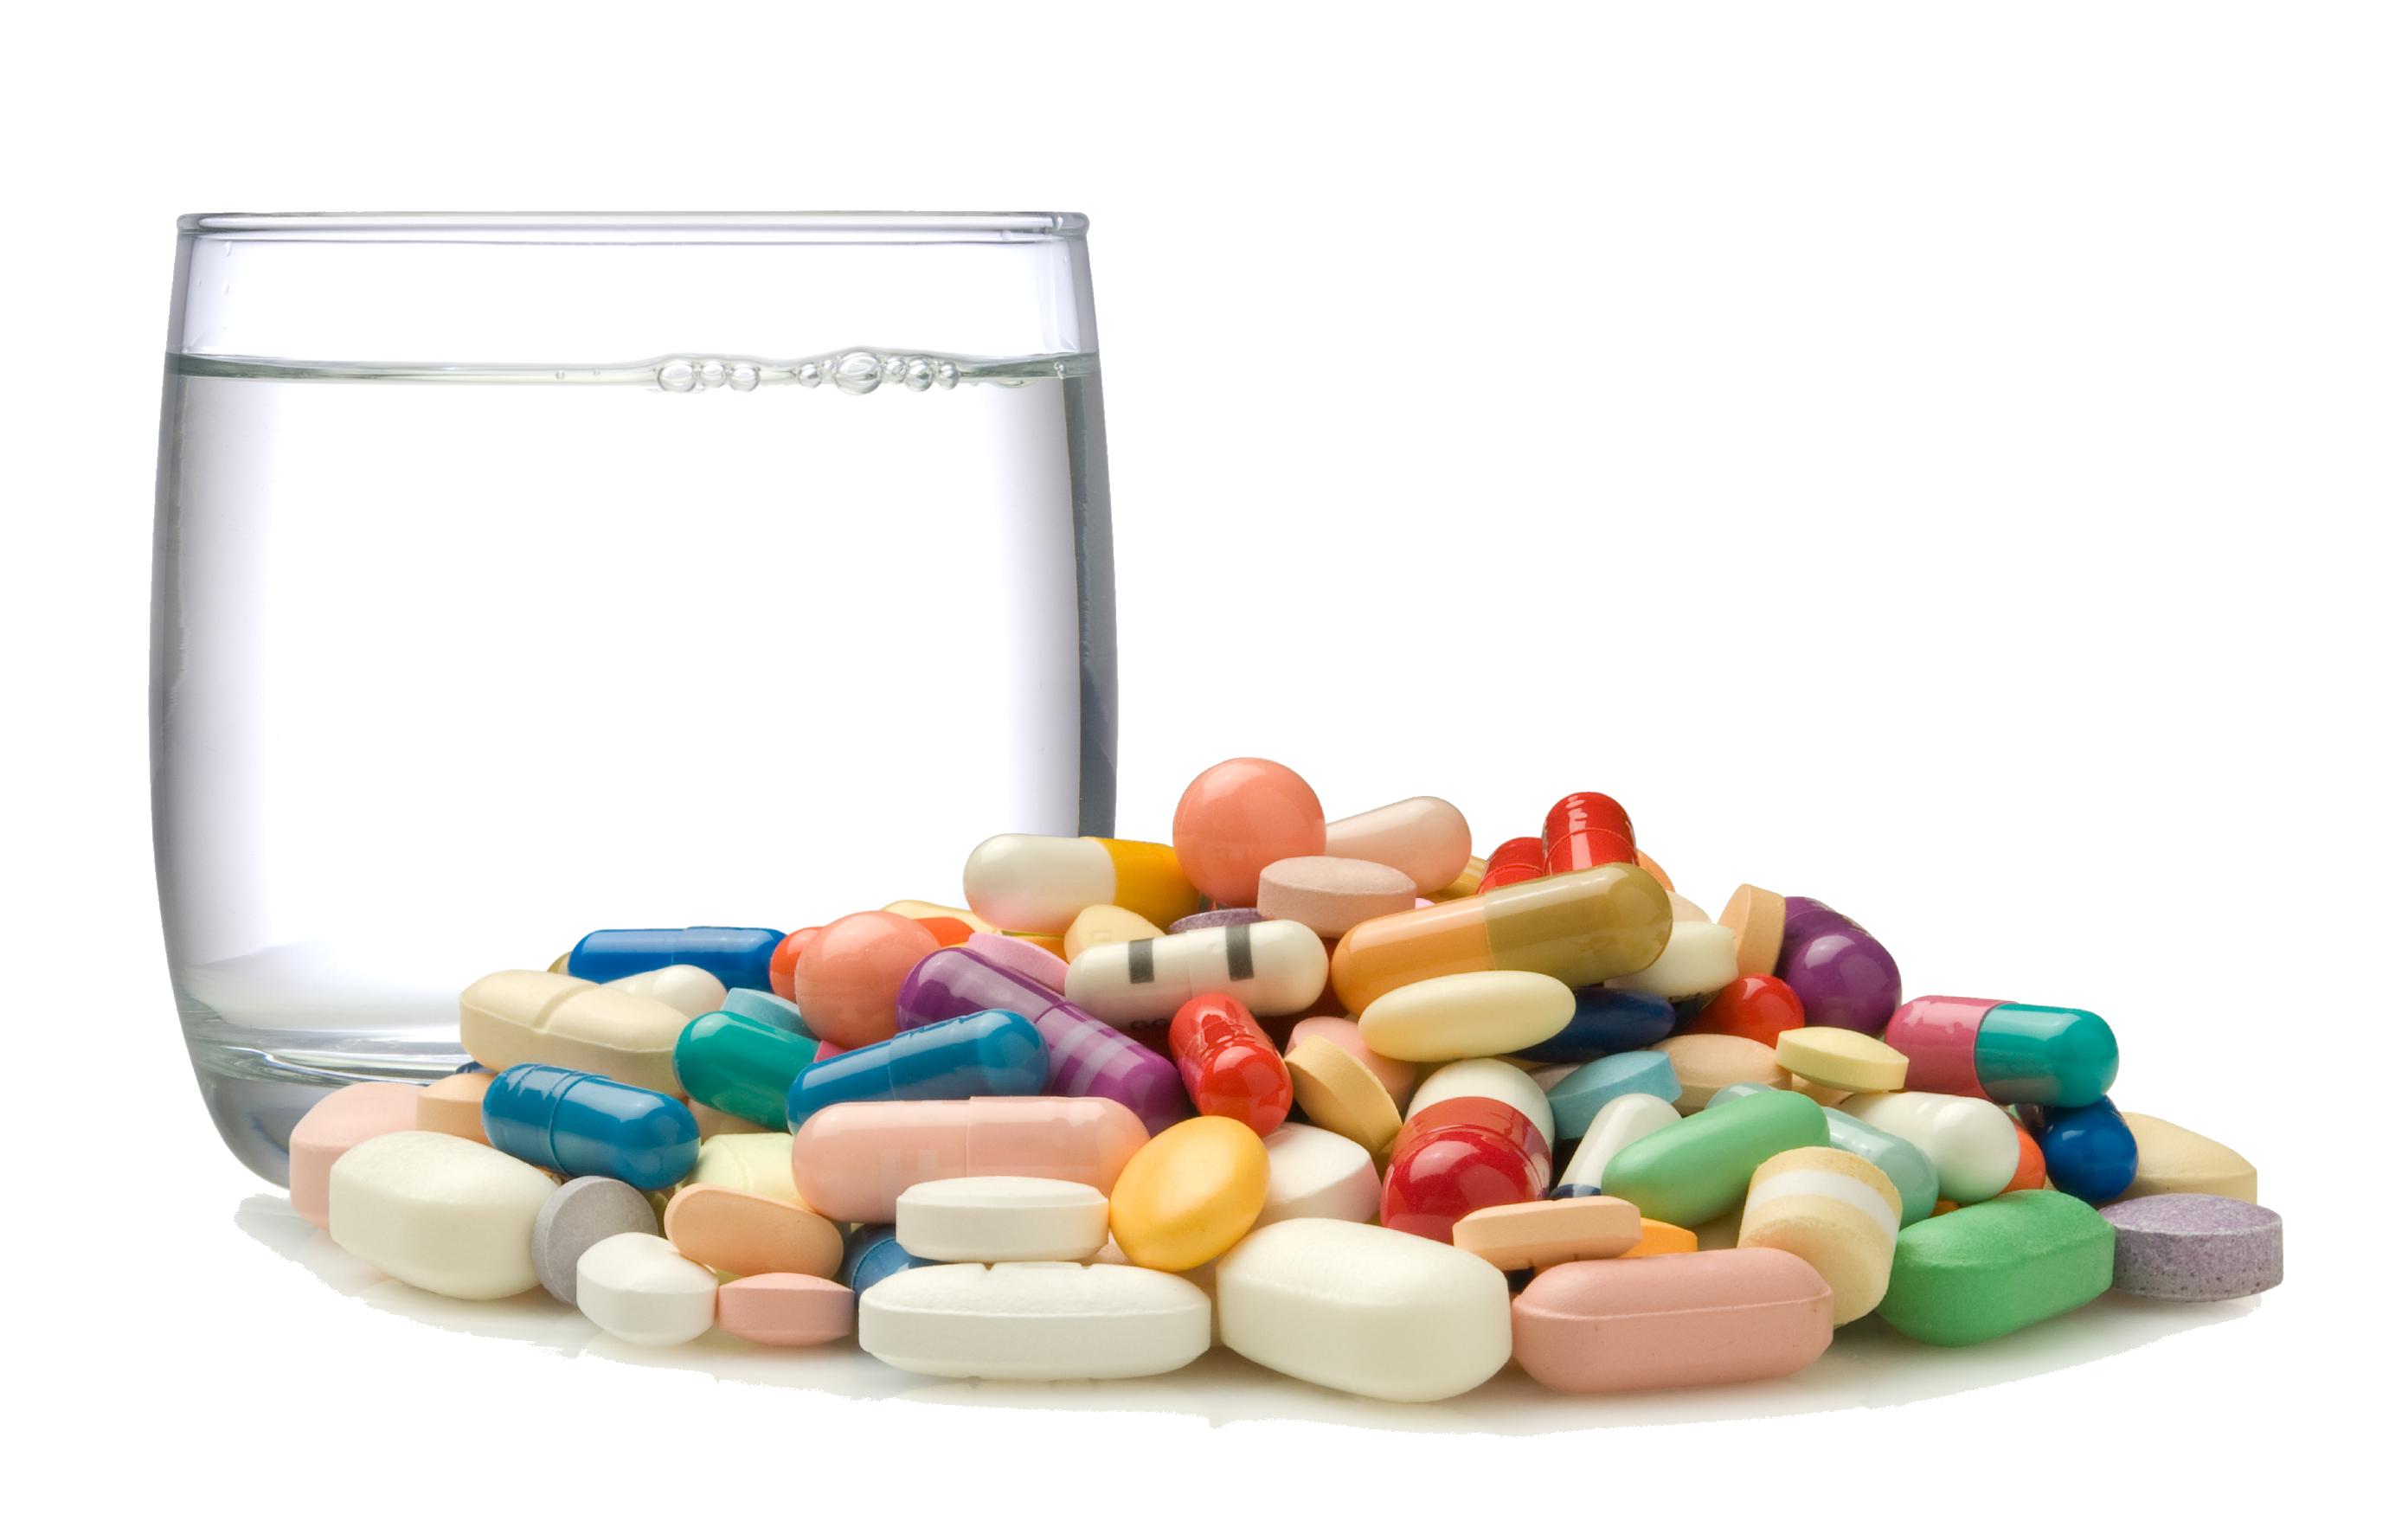 Противогриппозные препараты недорогие, но эффективные